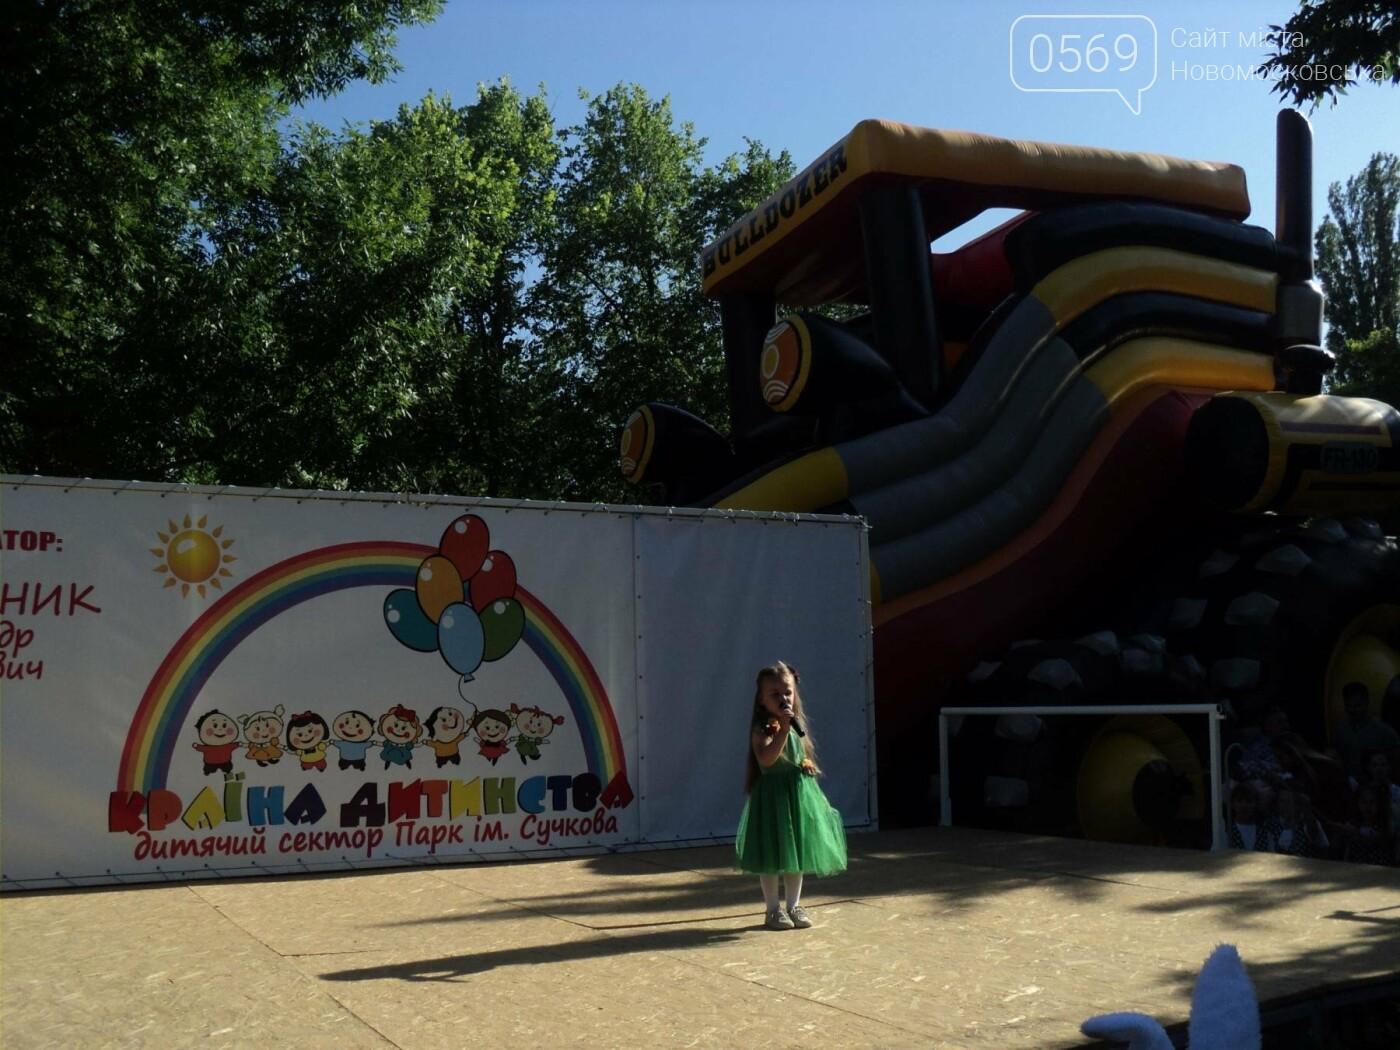 Юні артисти Новомосковська влаштували яскравий концерт до Міжнародного дня захисту дітей, фото-14